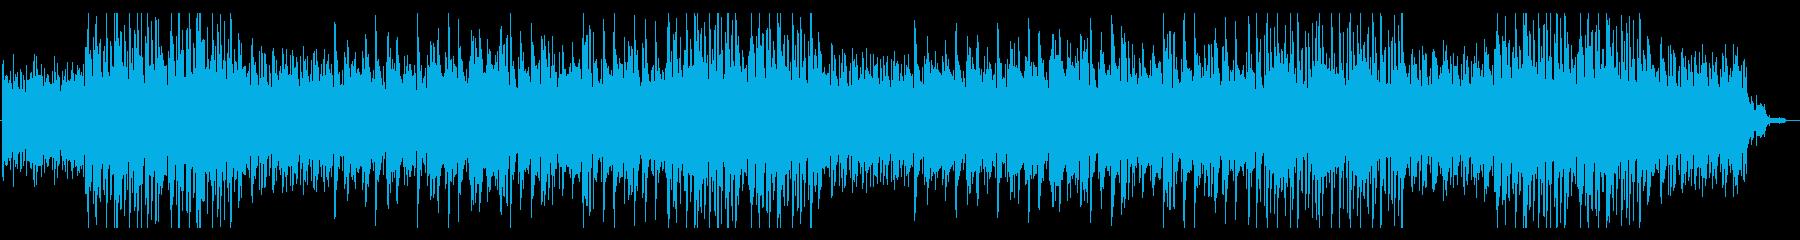 ゆったり心地良いピアノ トークBGMにの再生済みの波形